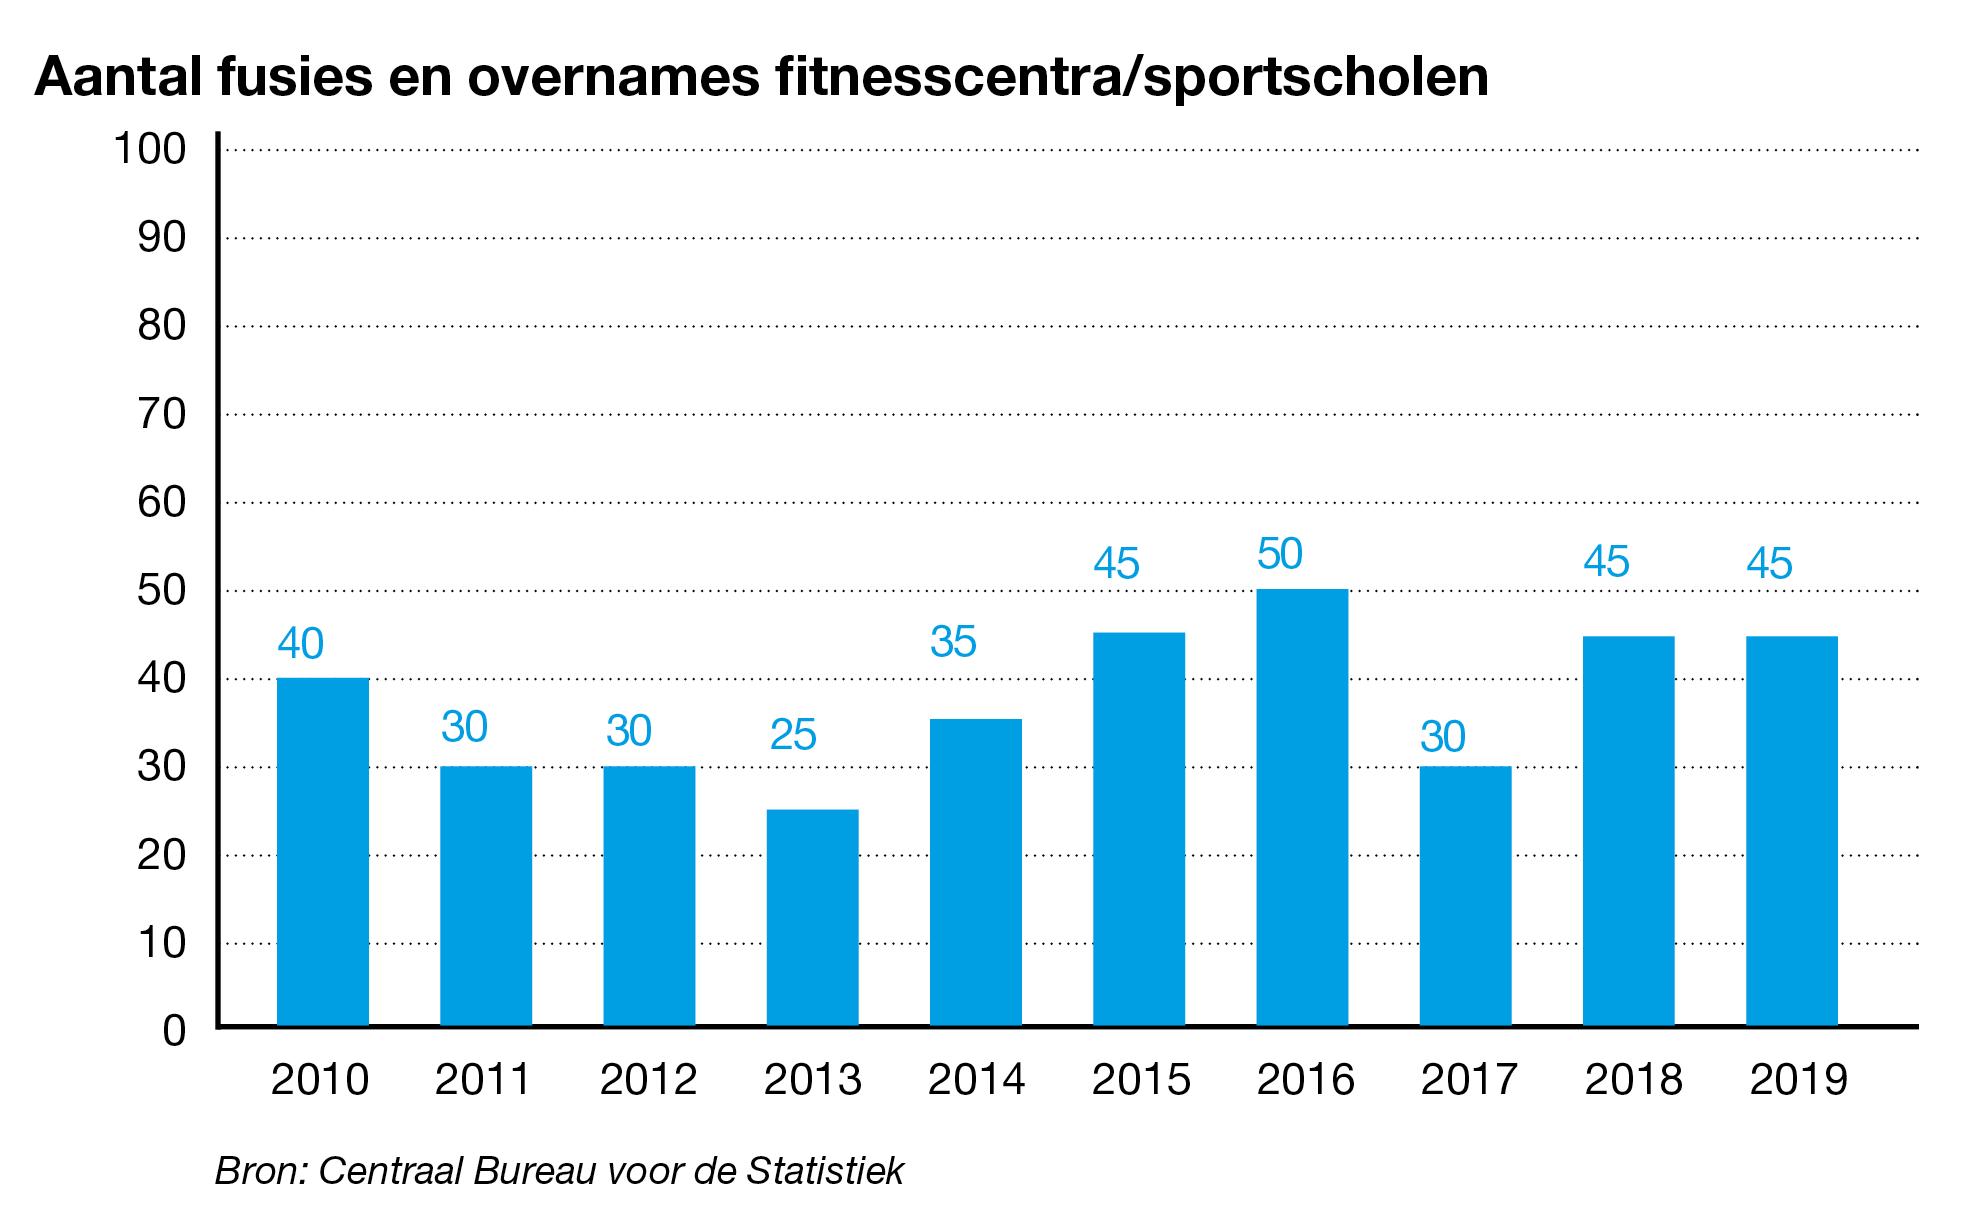 Aantal overnames fitnesscentra/sportscholen